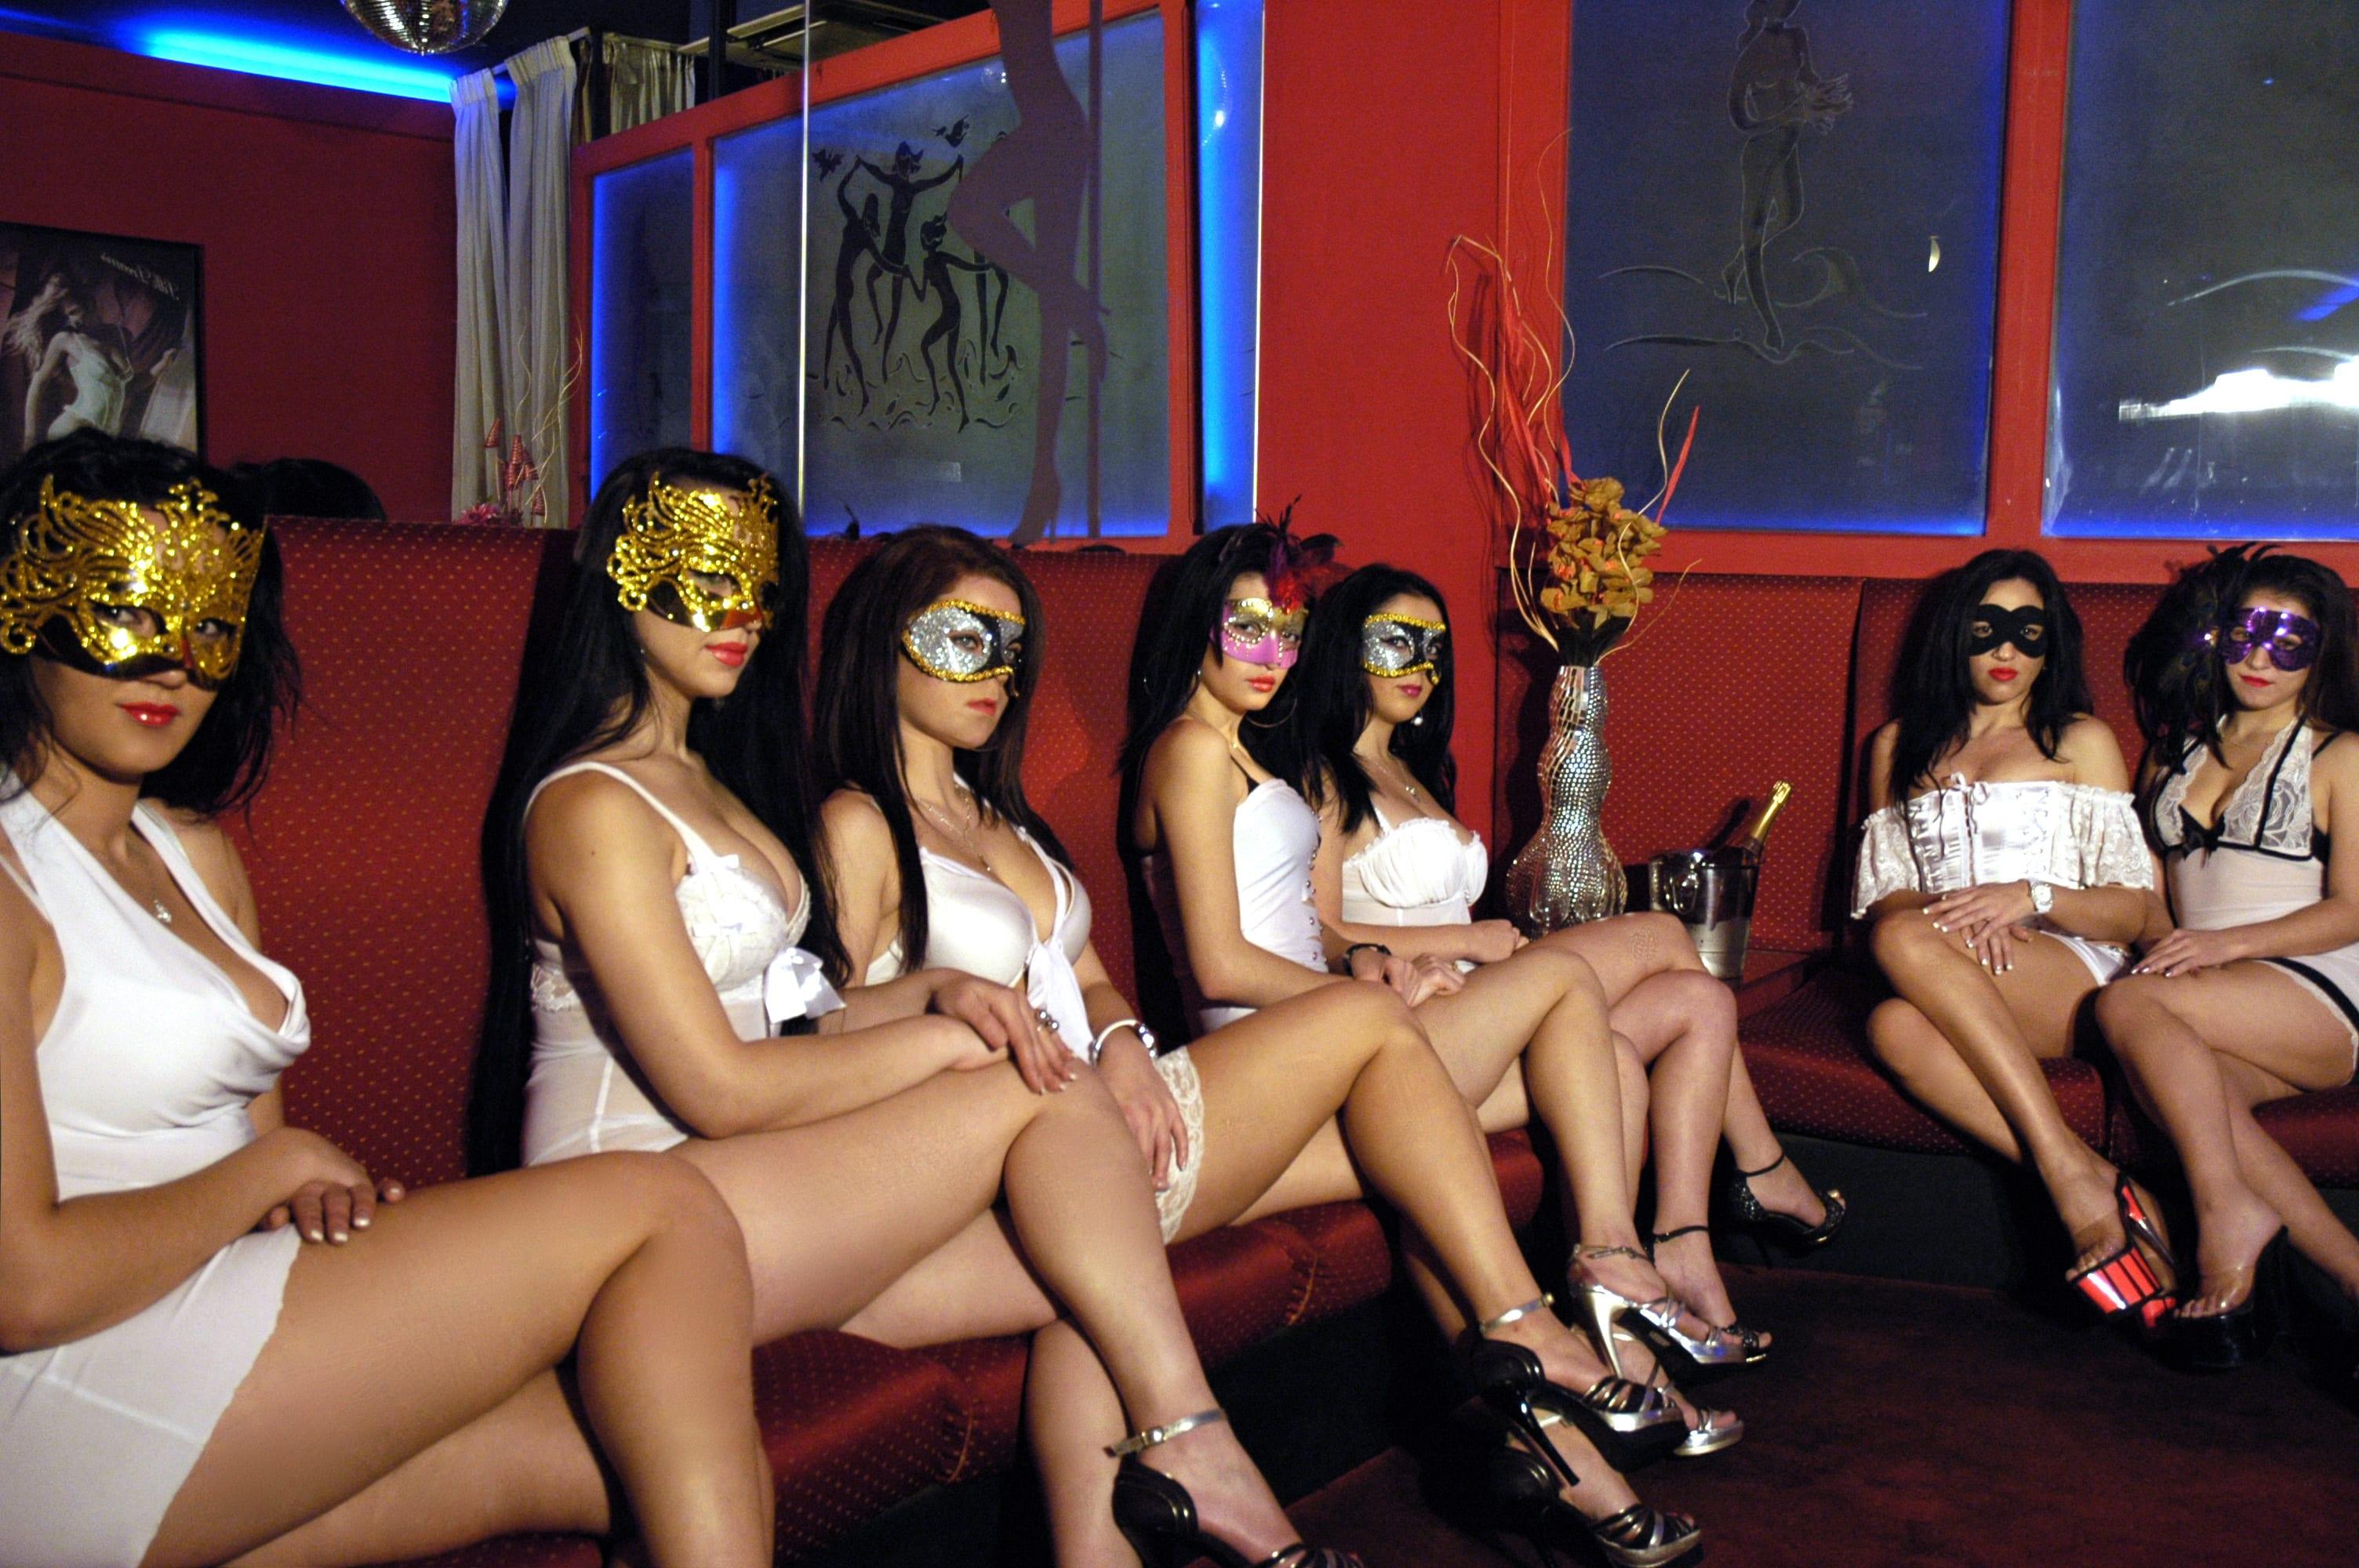 Hasil gambar untuk lap dancers